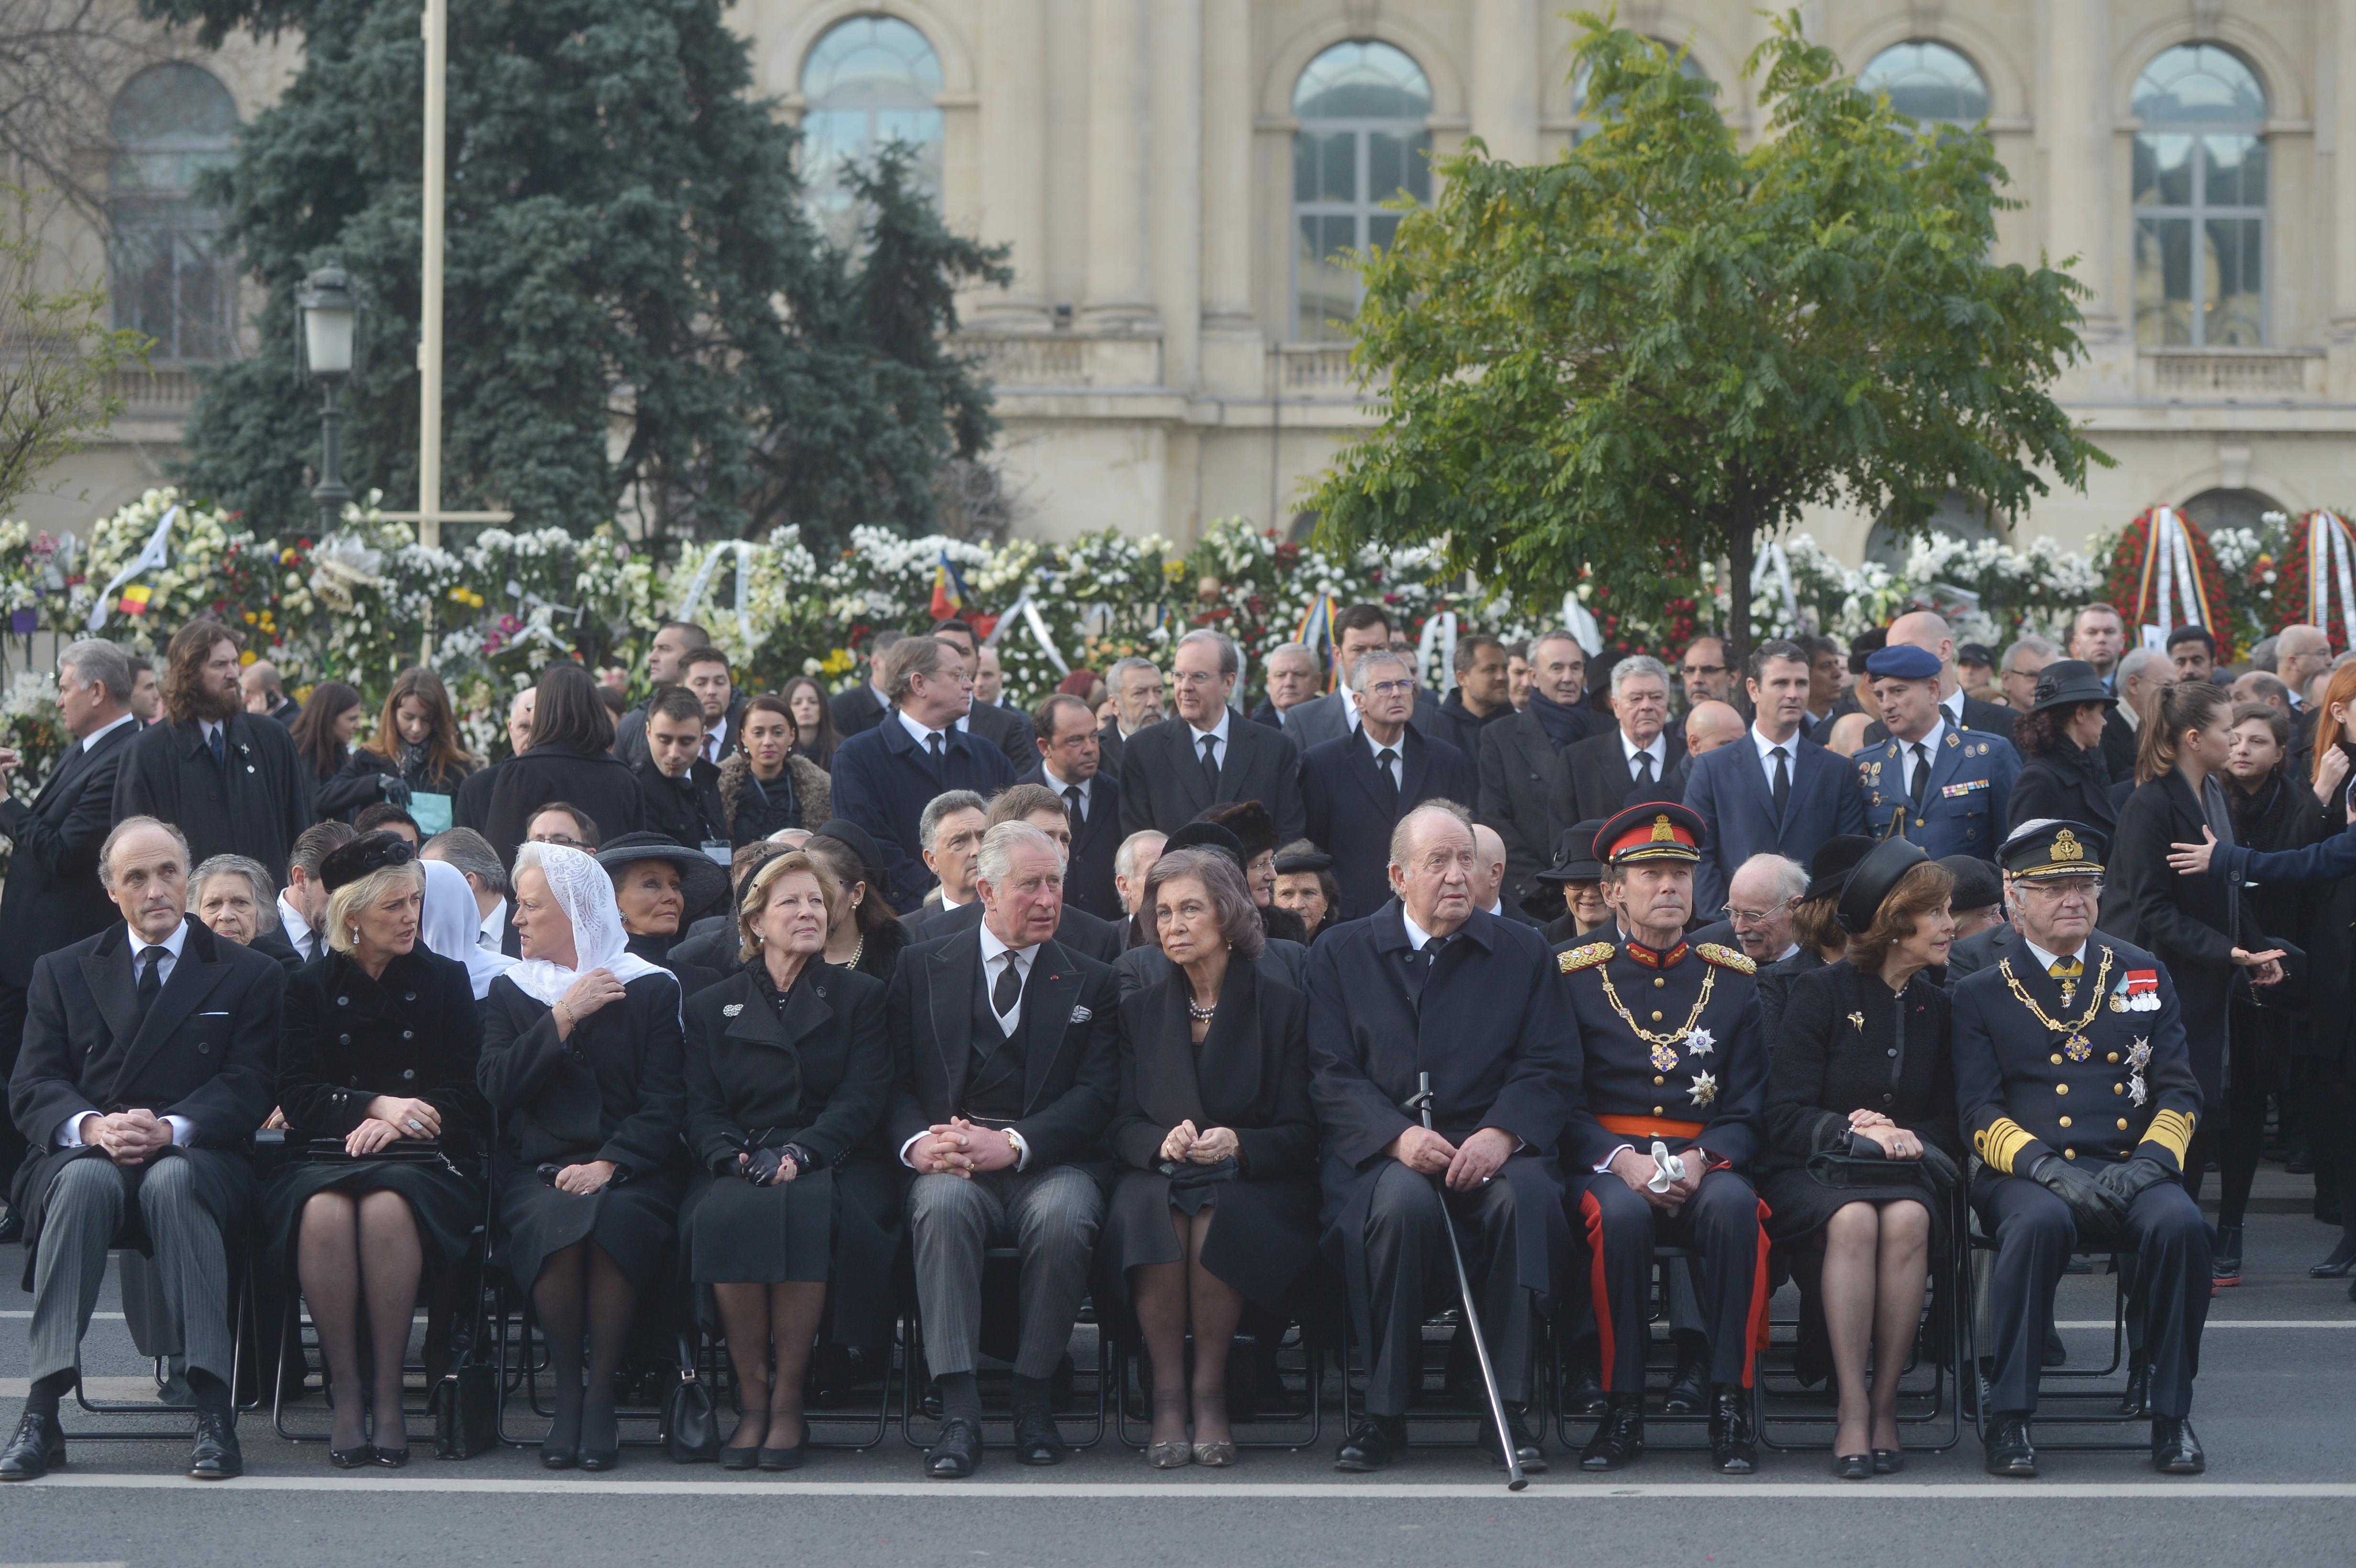 VIDEO Regi şi regine, principi şi principese, personalităţile care au venit la ceremoniile de înmormântare a REGELUI MIHAI